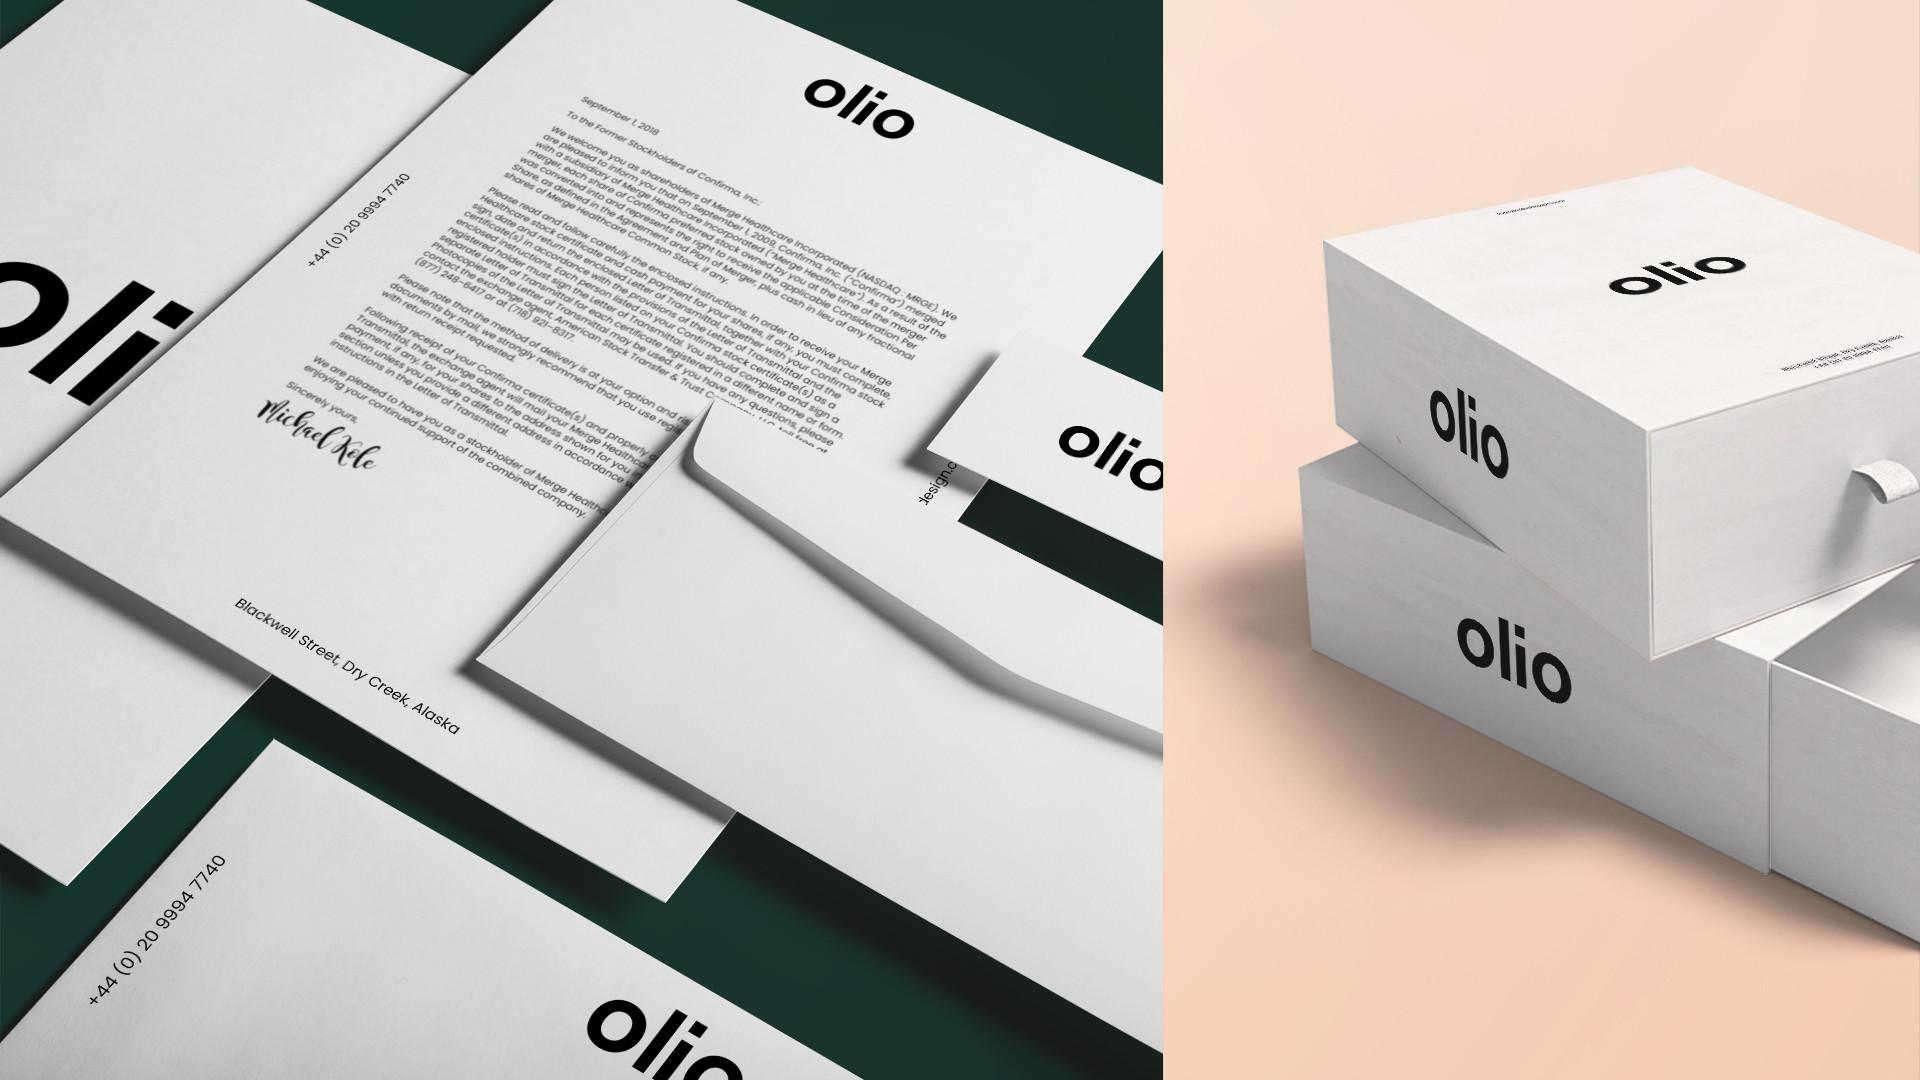 Olio Display 9.jpg